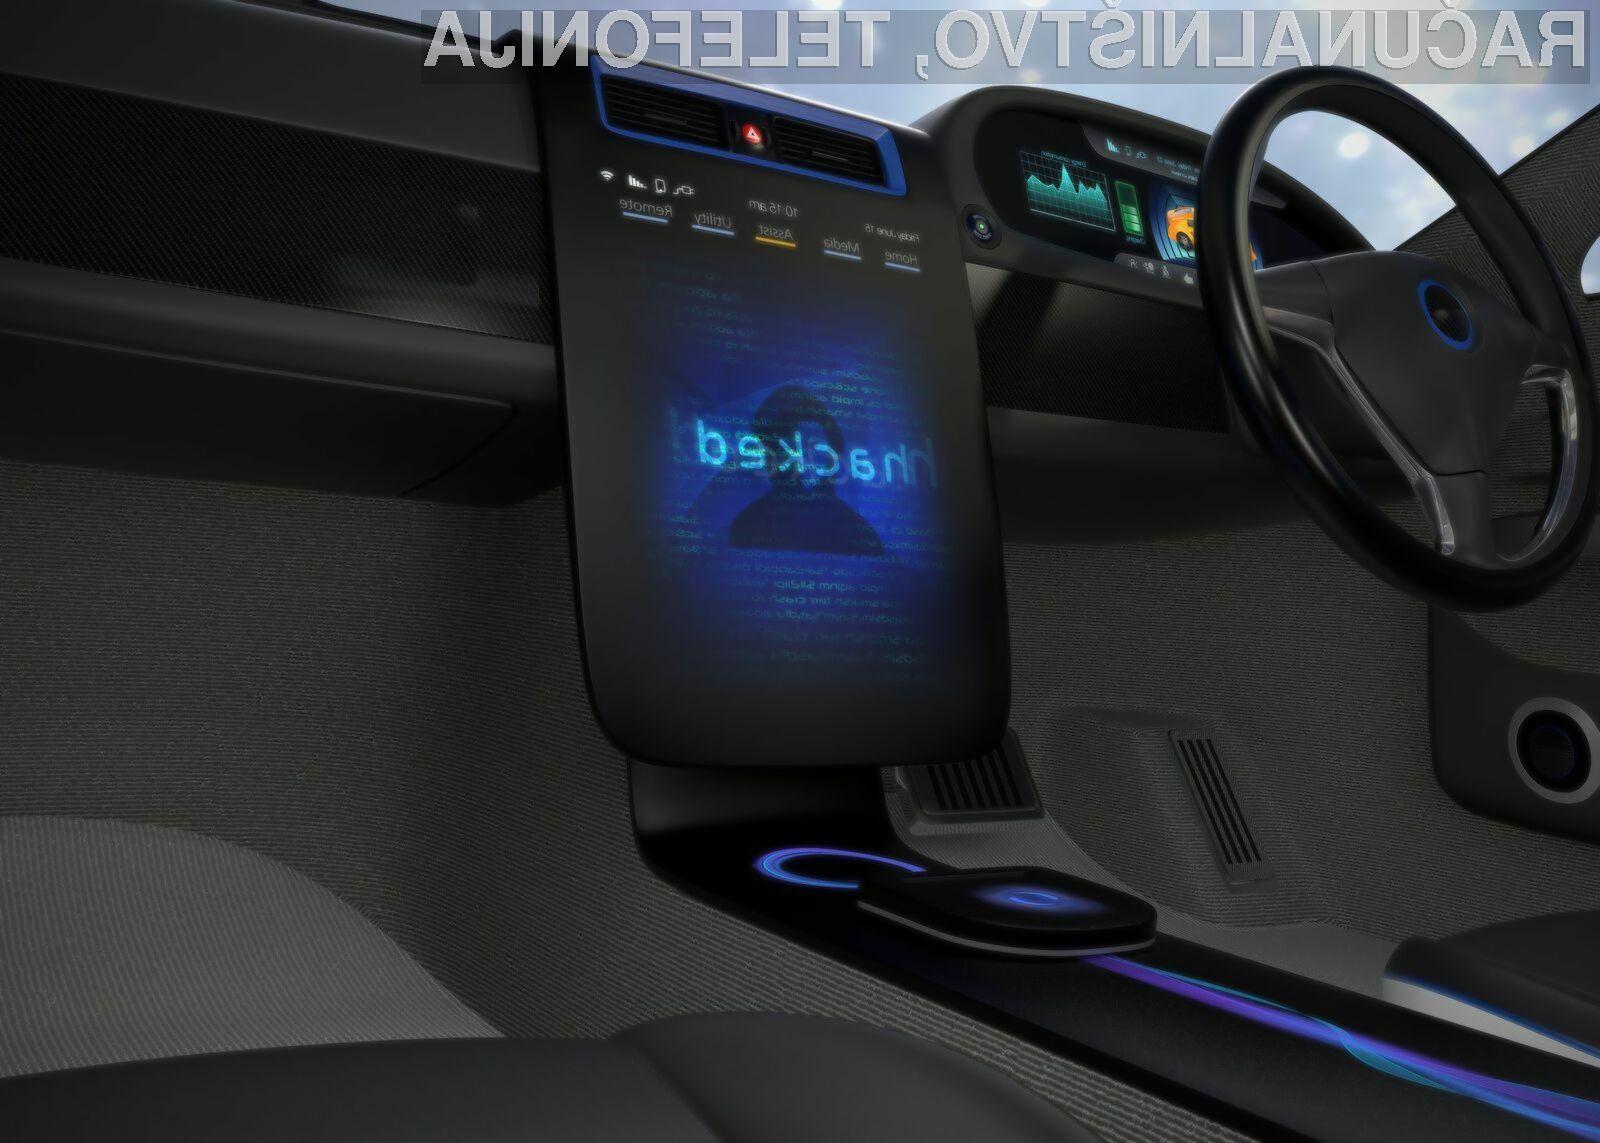 Sodobni avtomobili so vse prej kot varni pred hekerskimi napadi.